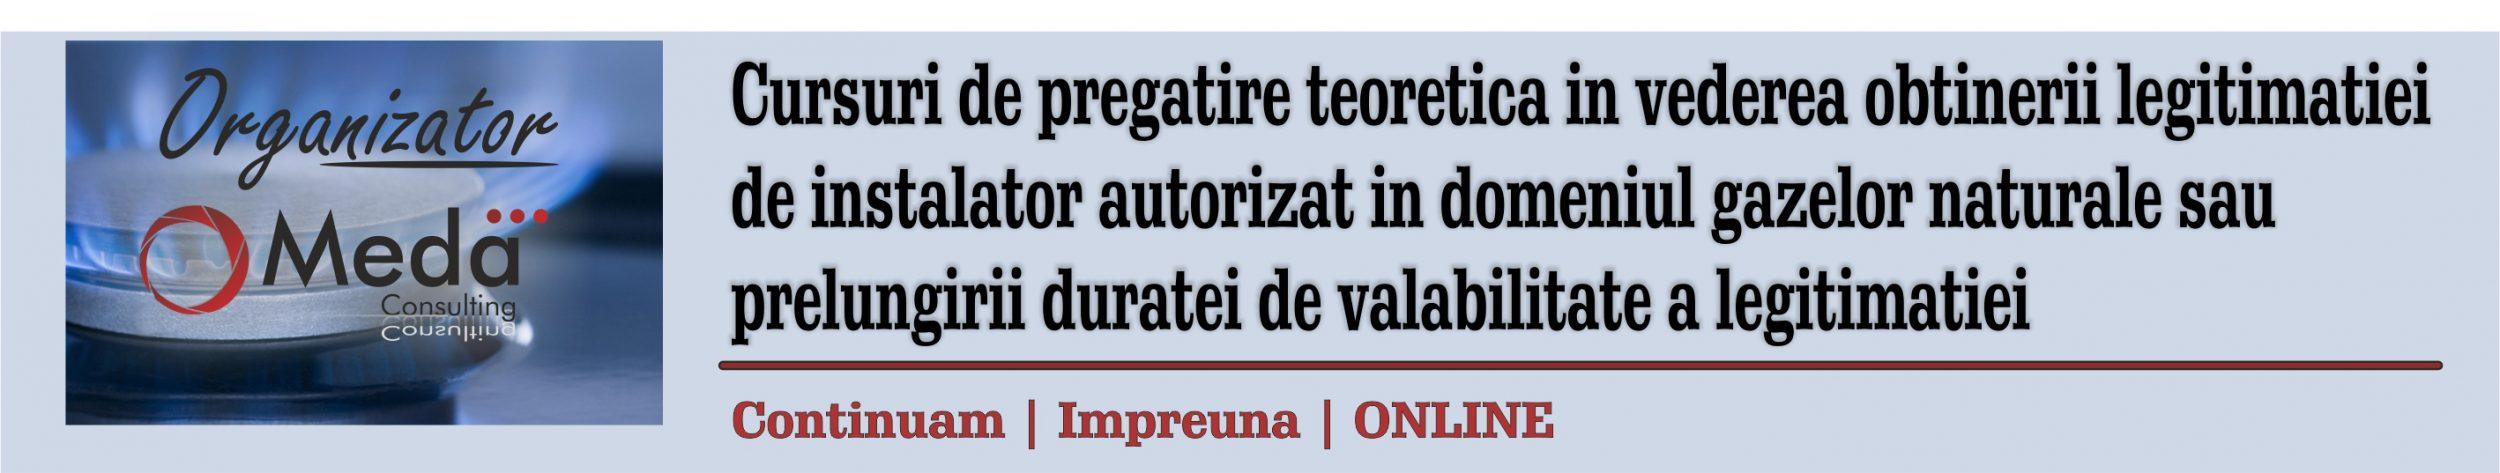 Cursuri ANRE de pregatire teoretica in vederea obtinerii sau prelungirii legitimatiei de instalator autorizat EGD EGIU EGT PGD PGIU PGT